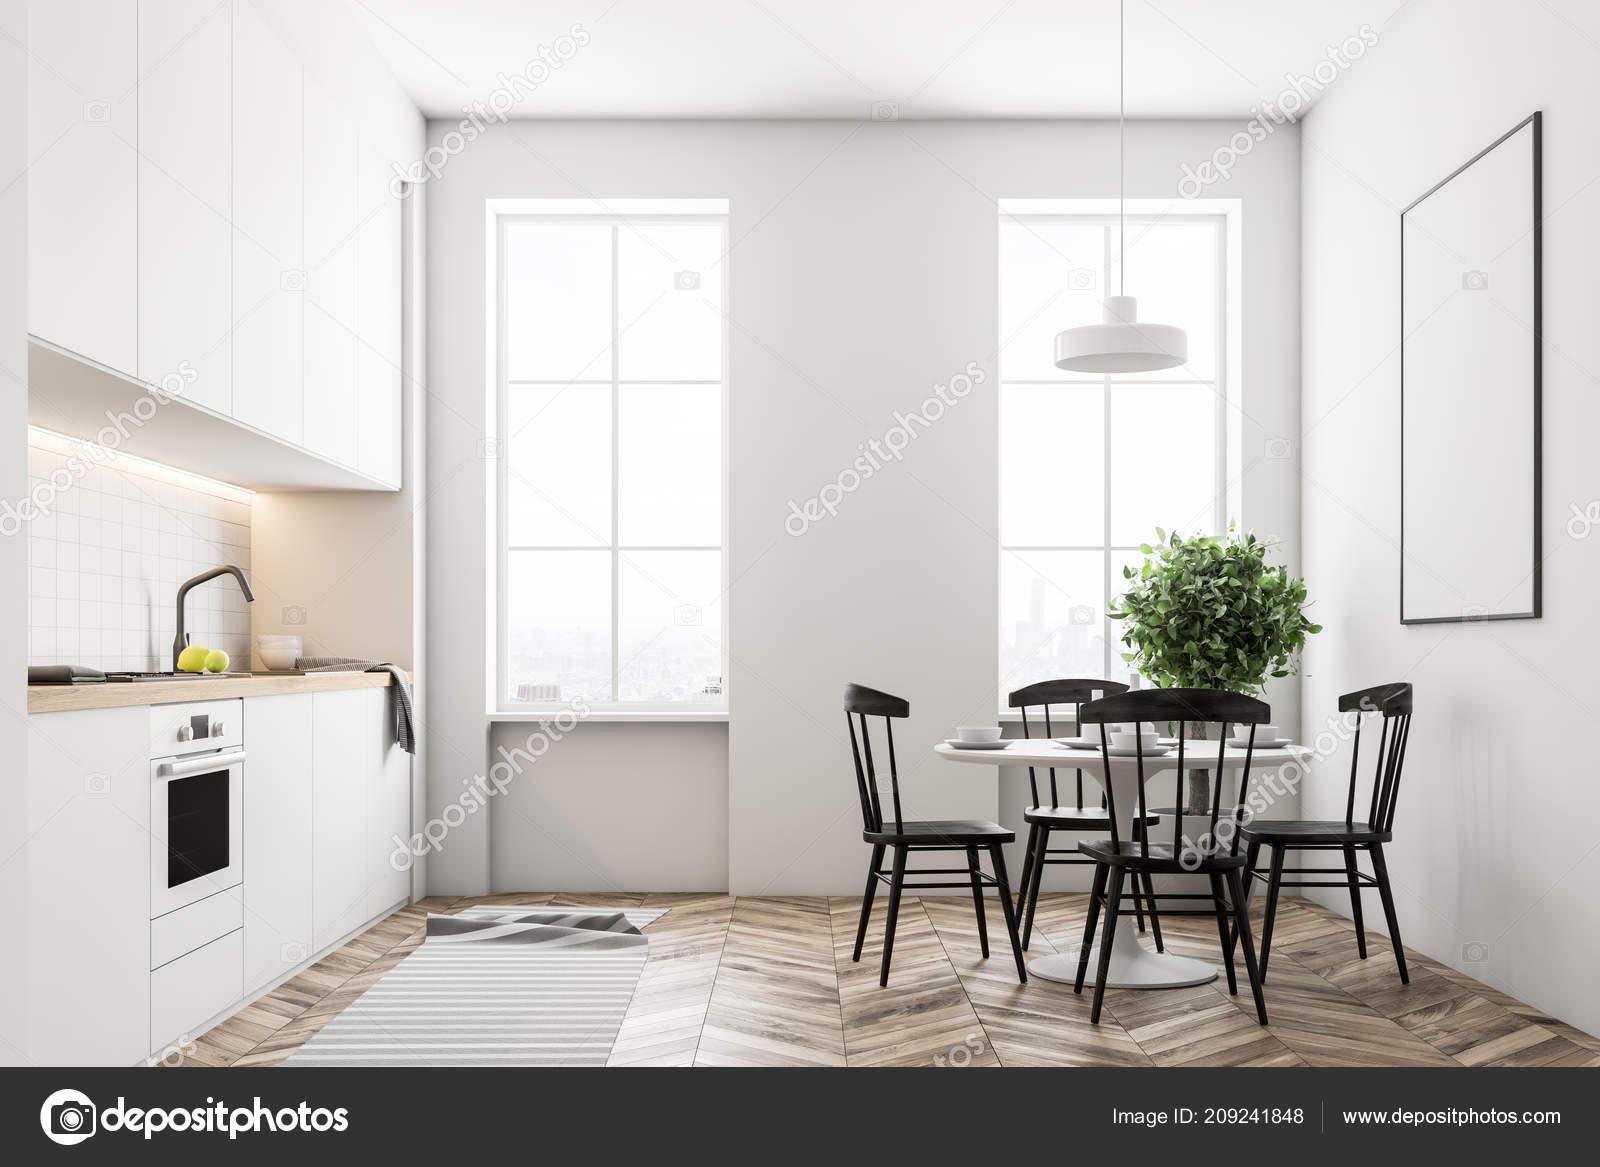 Moderne küche interieur mit weißen wänden große fenster einen